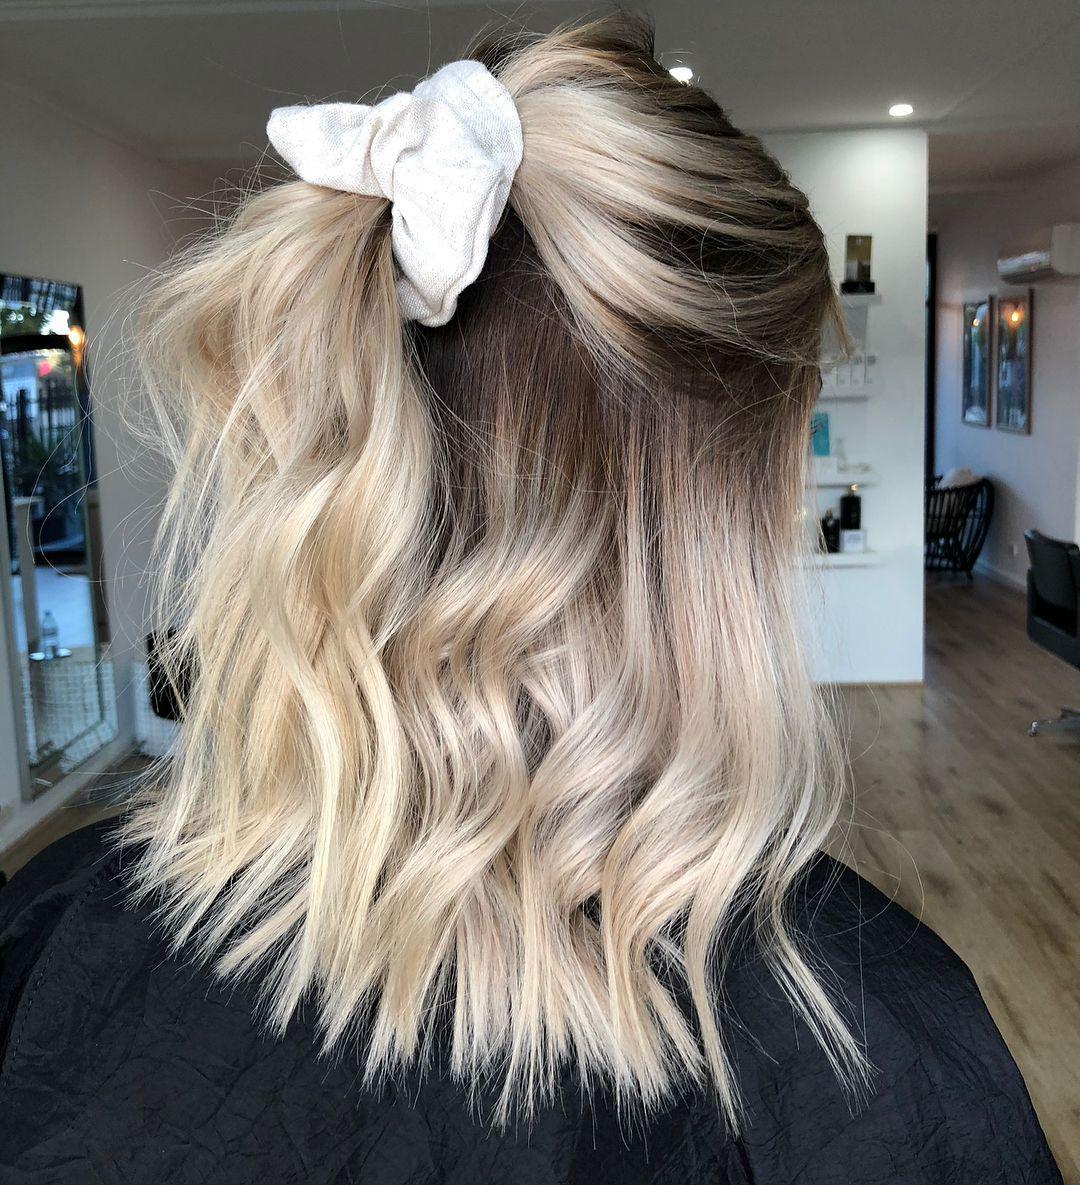 L U C Y Lucy0823 In 2020 Hair Styles Long Hair Styles Short Hair Styles